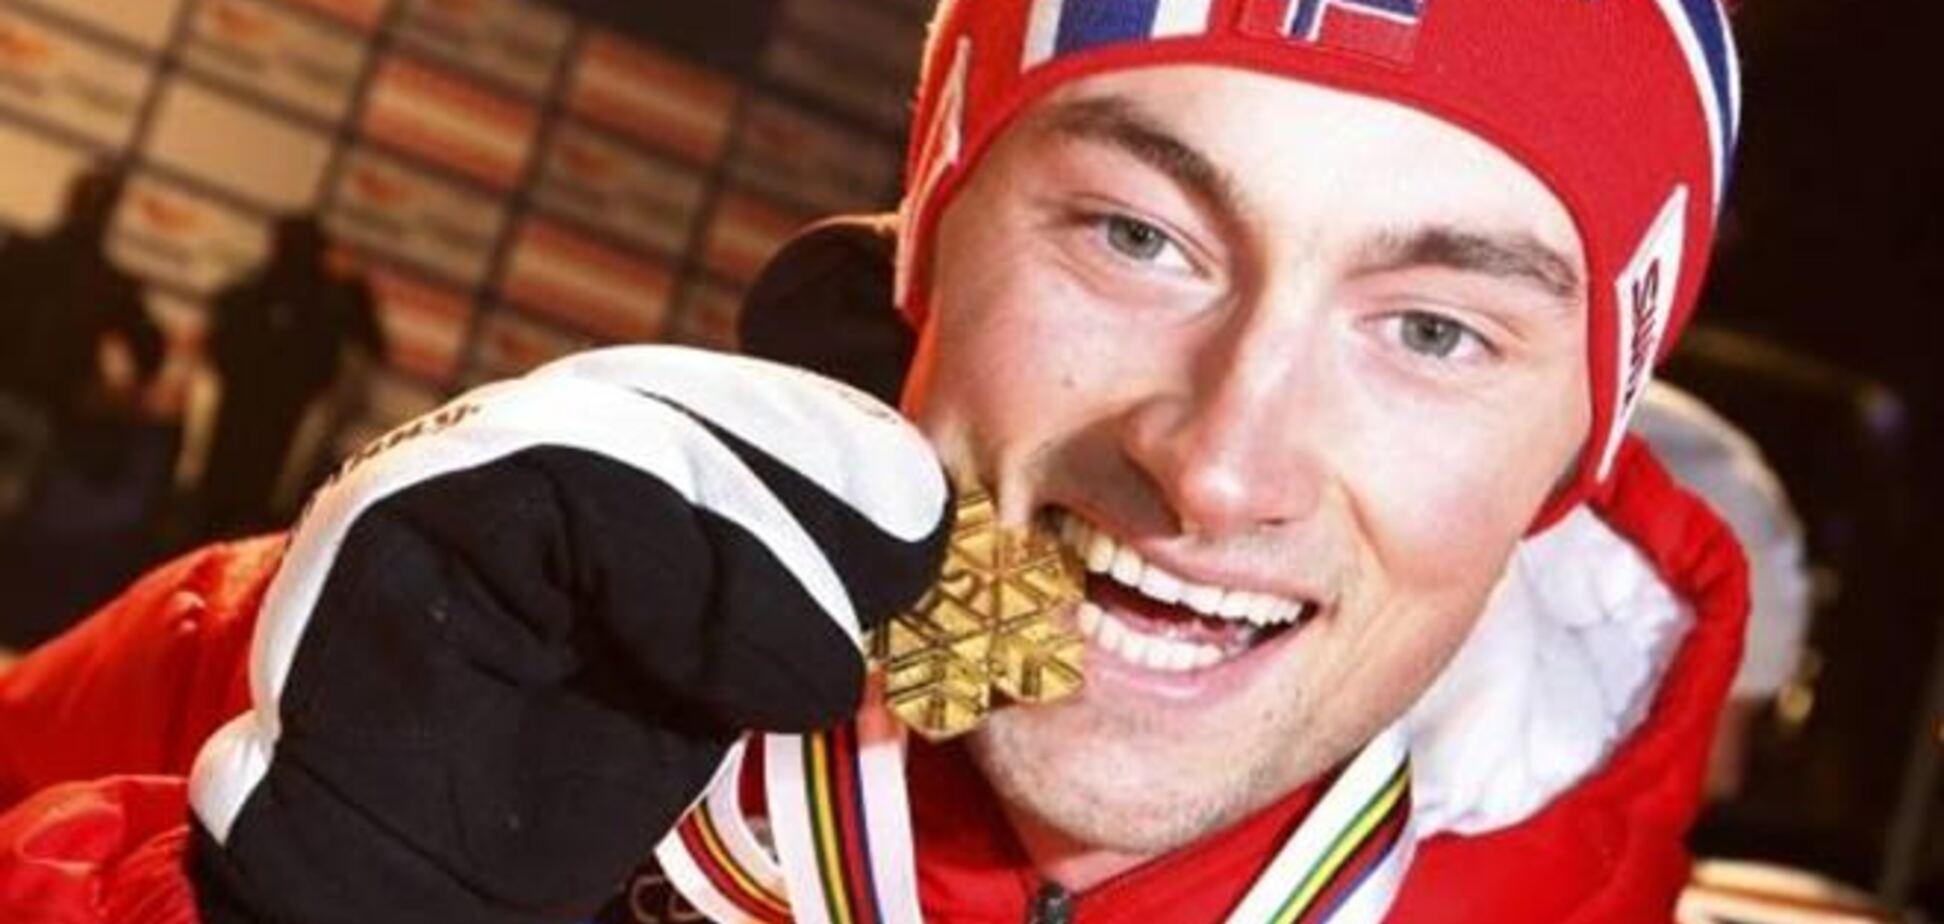 Лыжник отказался от рукопожатий, чтобы не заболеть до Олимпиады